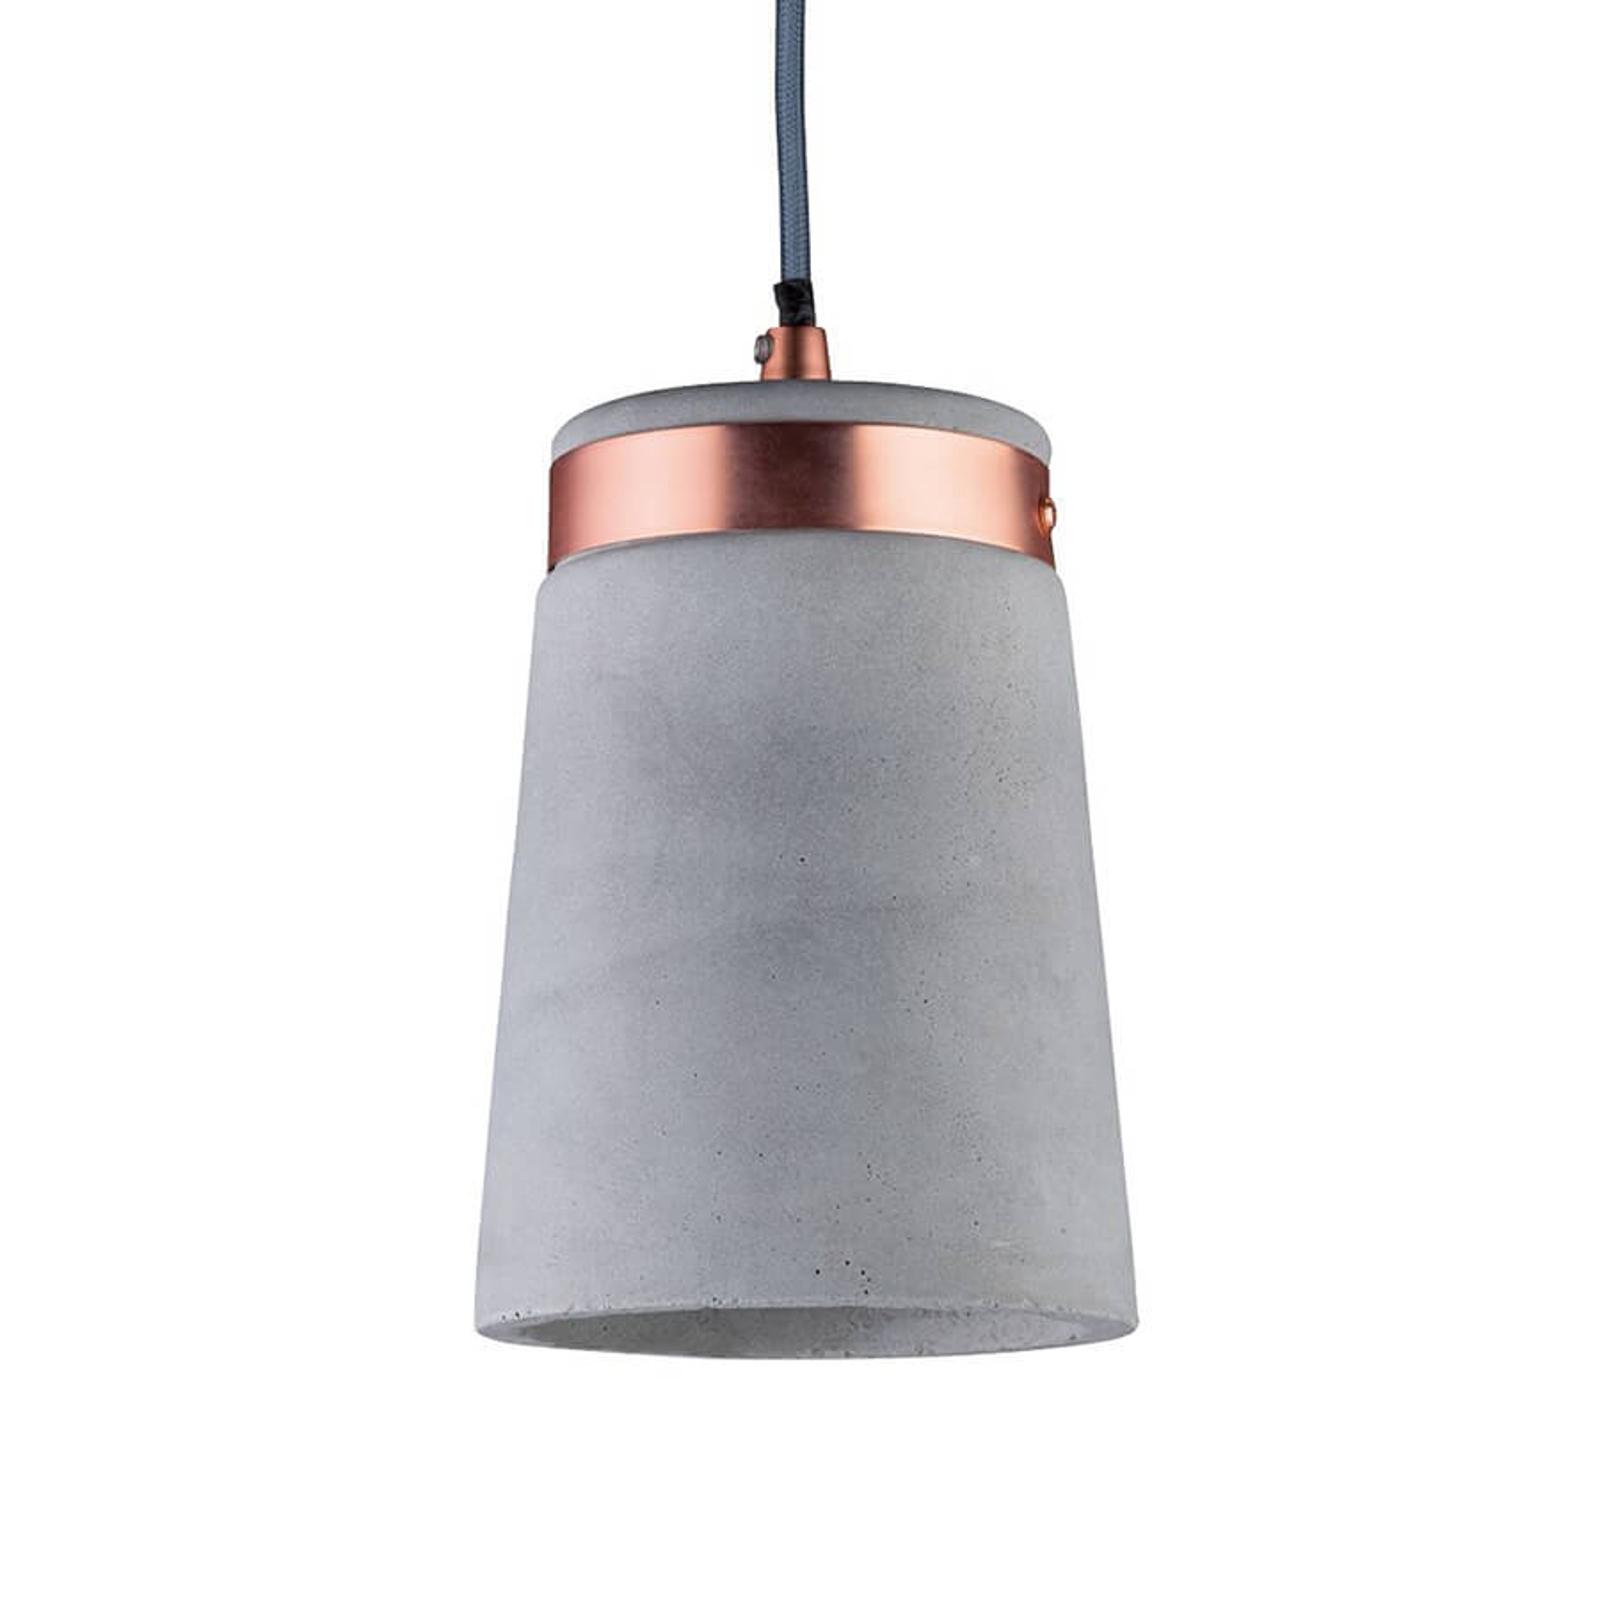 Modna betonowa lampa wisząca Stig